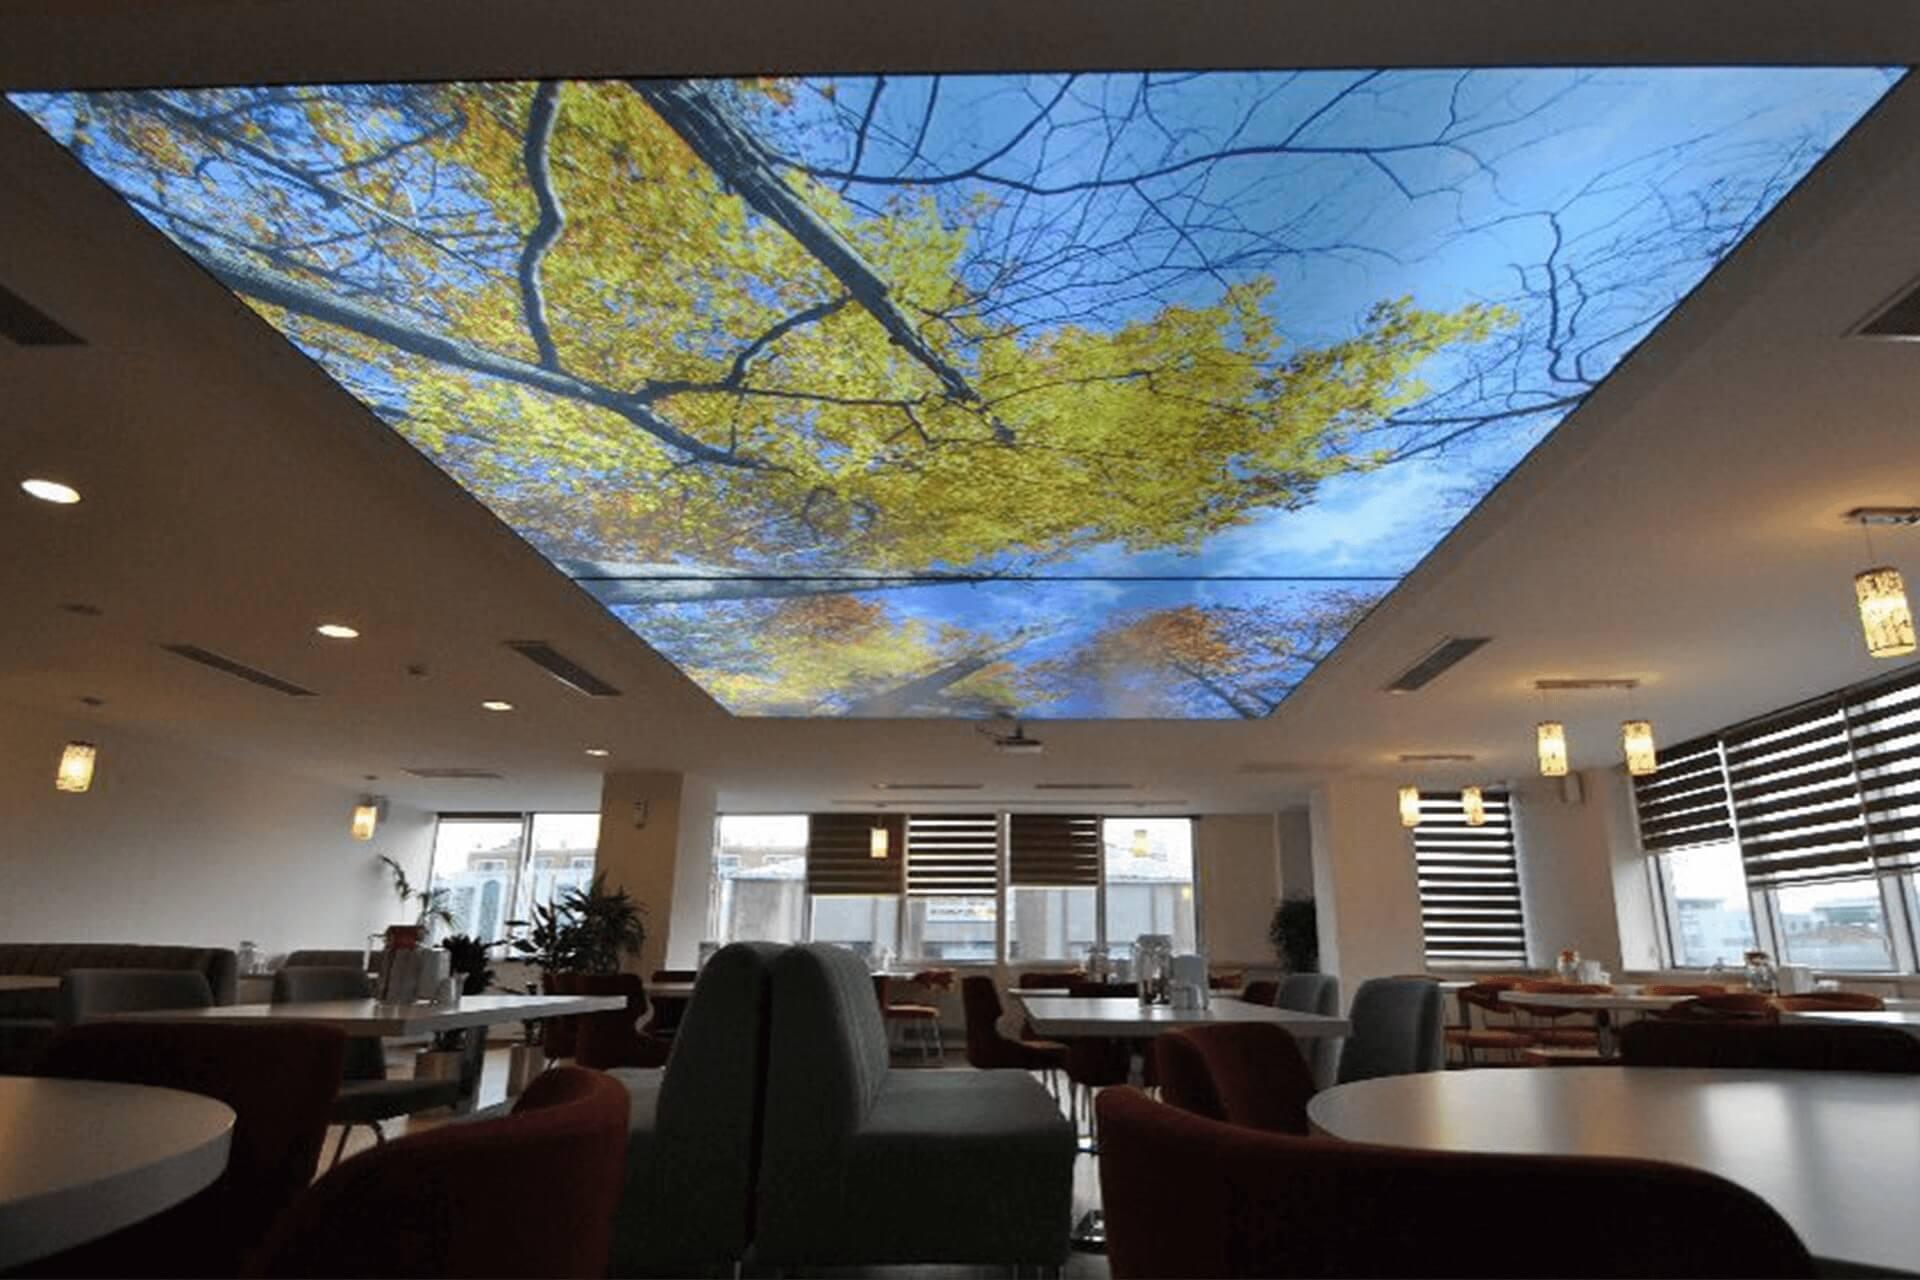 Фотопечать с подсветкой деревья на натяжном потолке в офисе